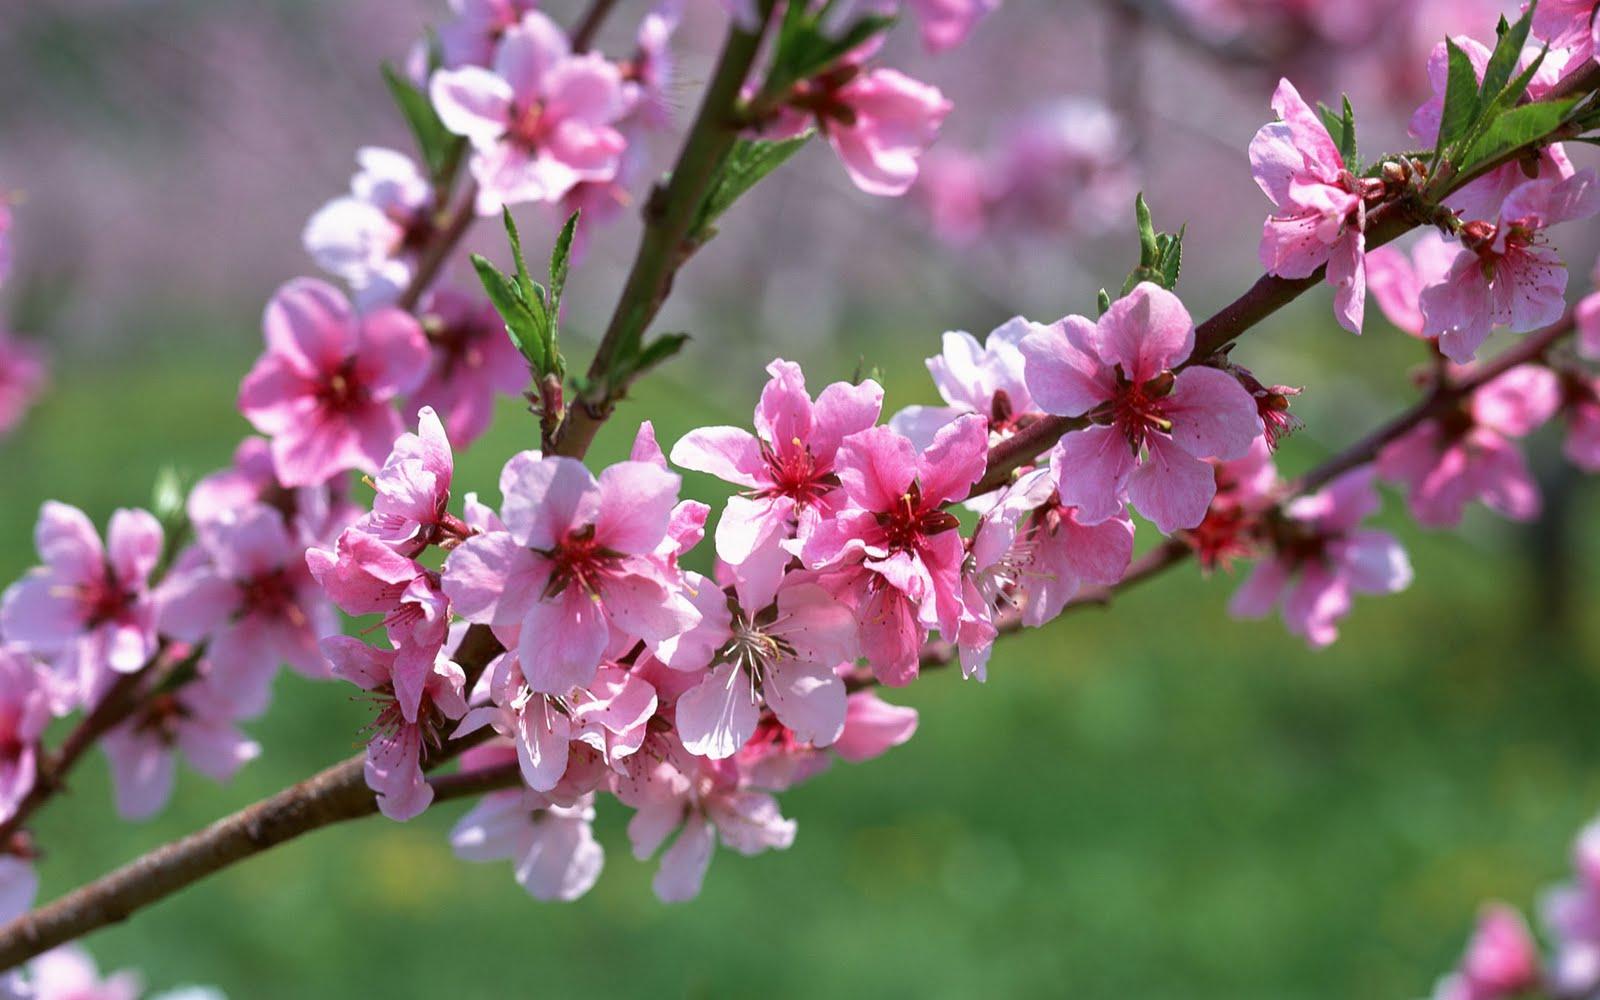 http://2.bp.blogspot.com/-1bddADN4ldA/TmnI3z4RNkI/AAAAAAAAAko/z2t3tdQLex8/s1600/Spring_Branch_1920x1200+hd+wallpaper.jpg